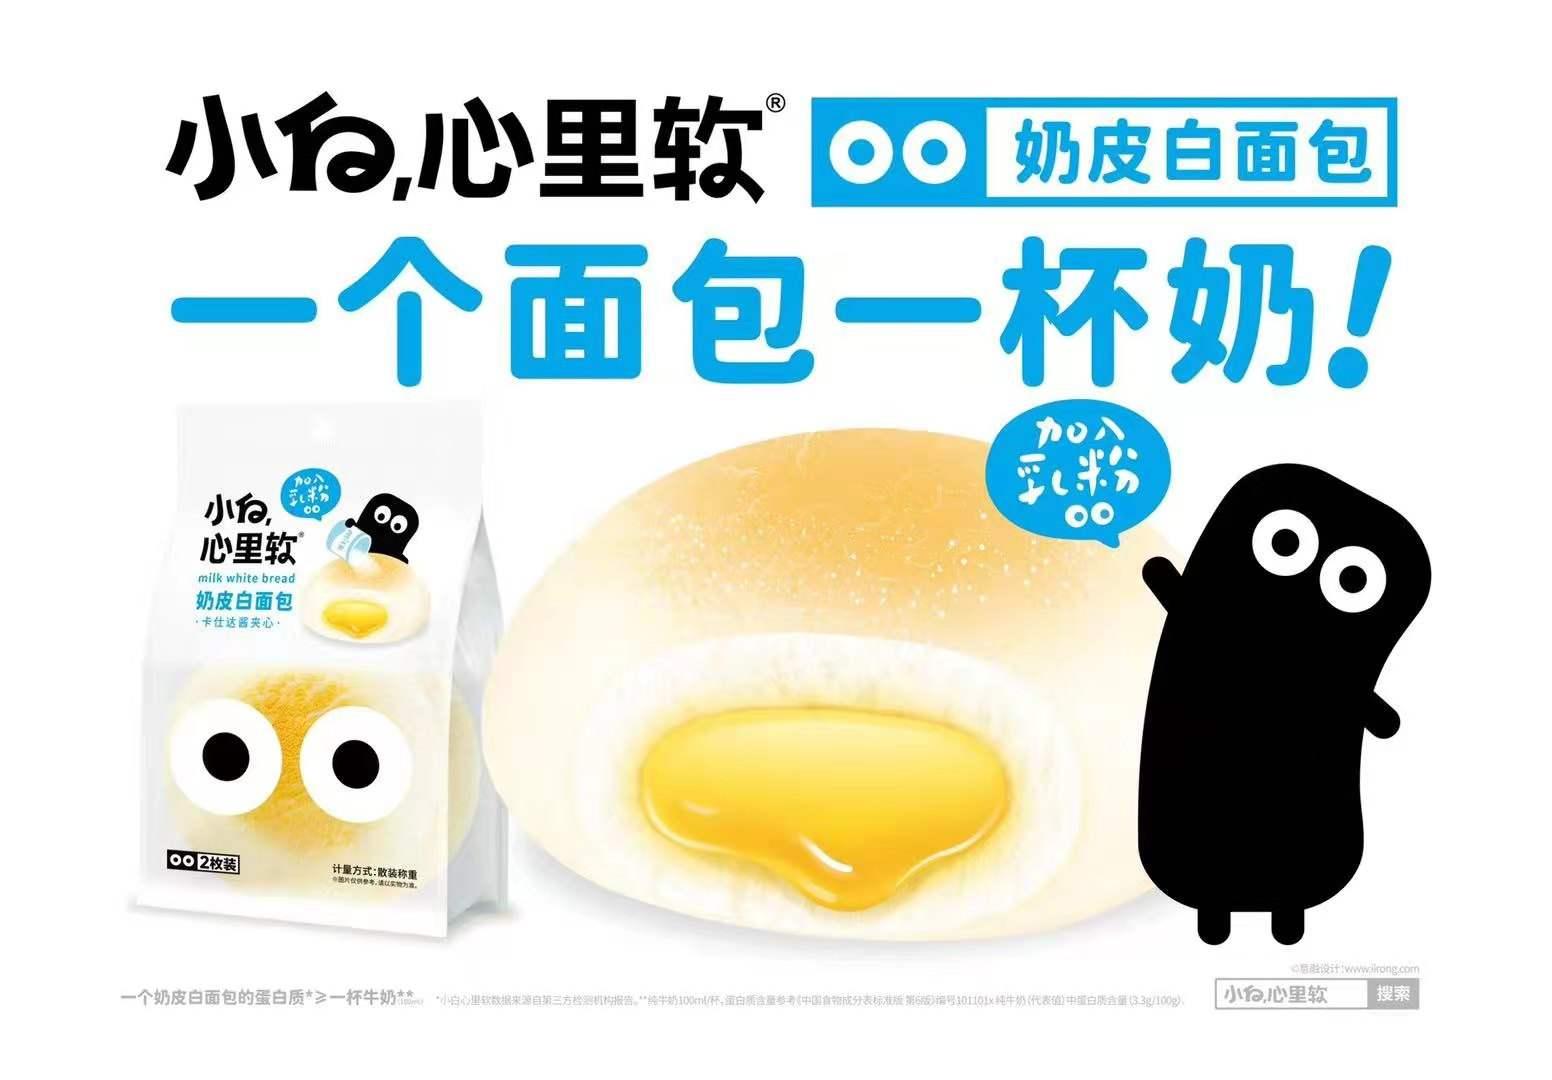 【满堂彩】销售额从0到5亿,「小白心里软」掘金千亿烘焙市场(图2)